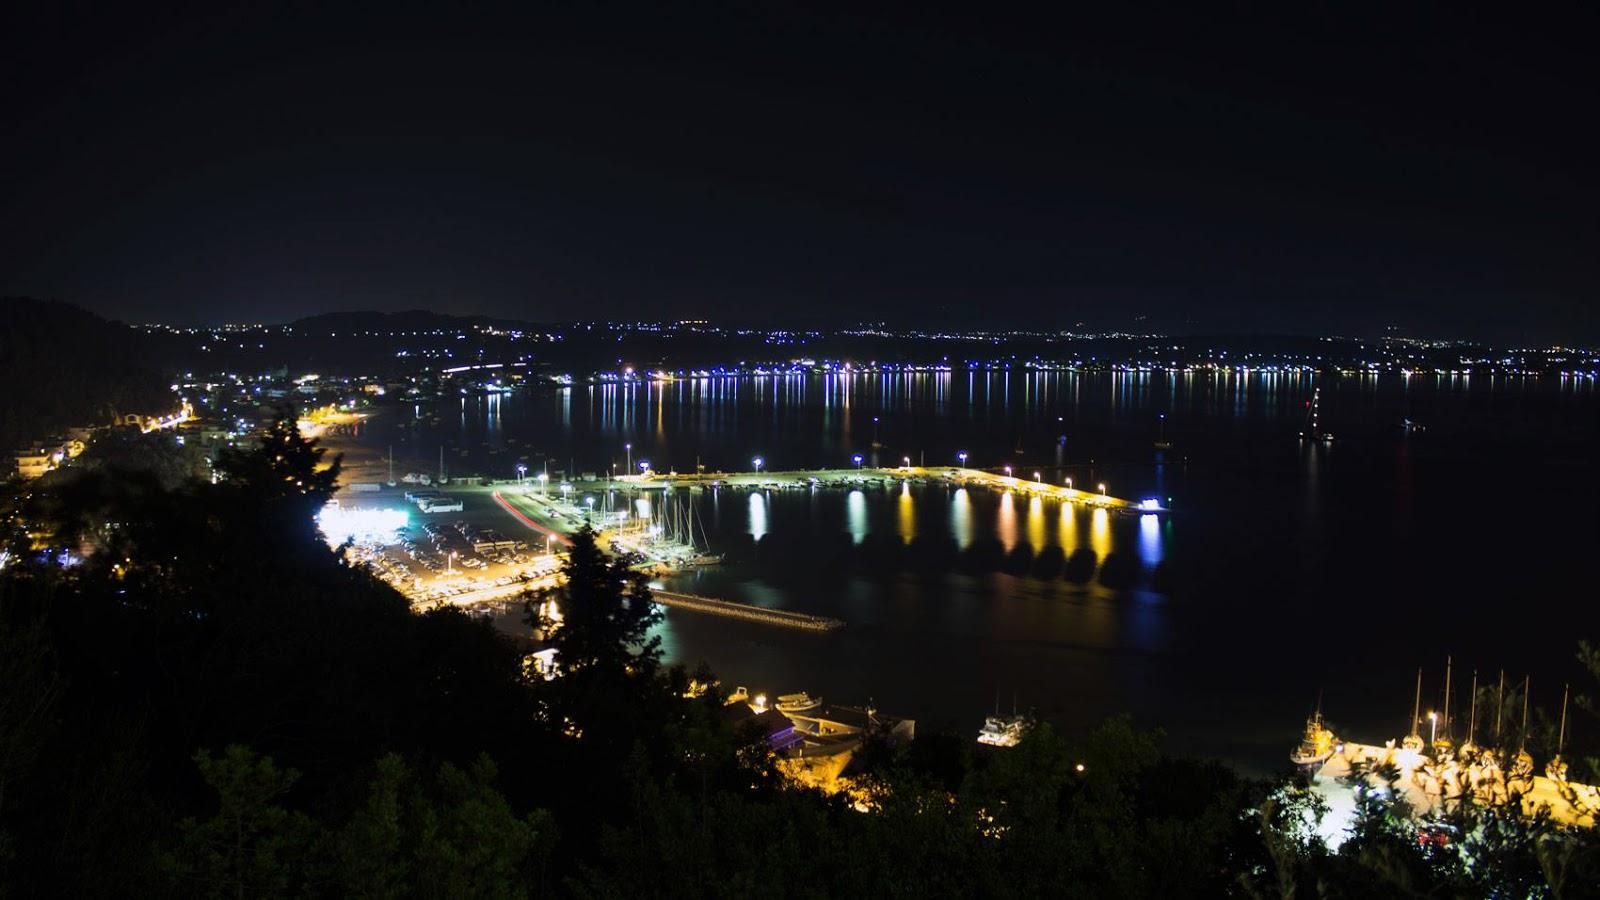 Νυχτερινή θέα από το βουνό του Κατακόλου προς το λιμάνι